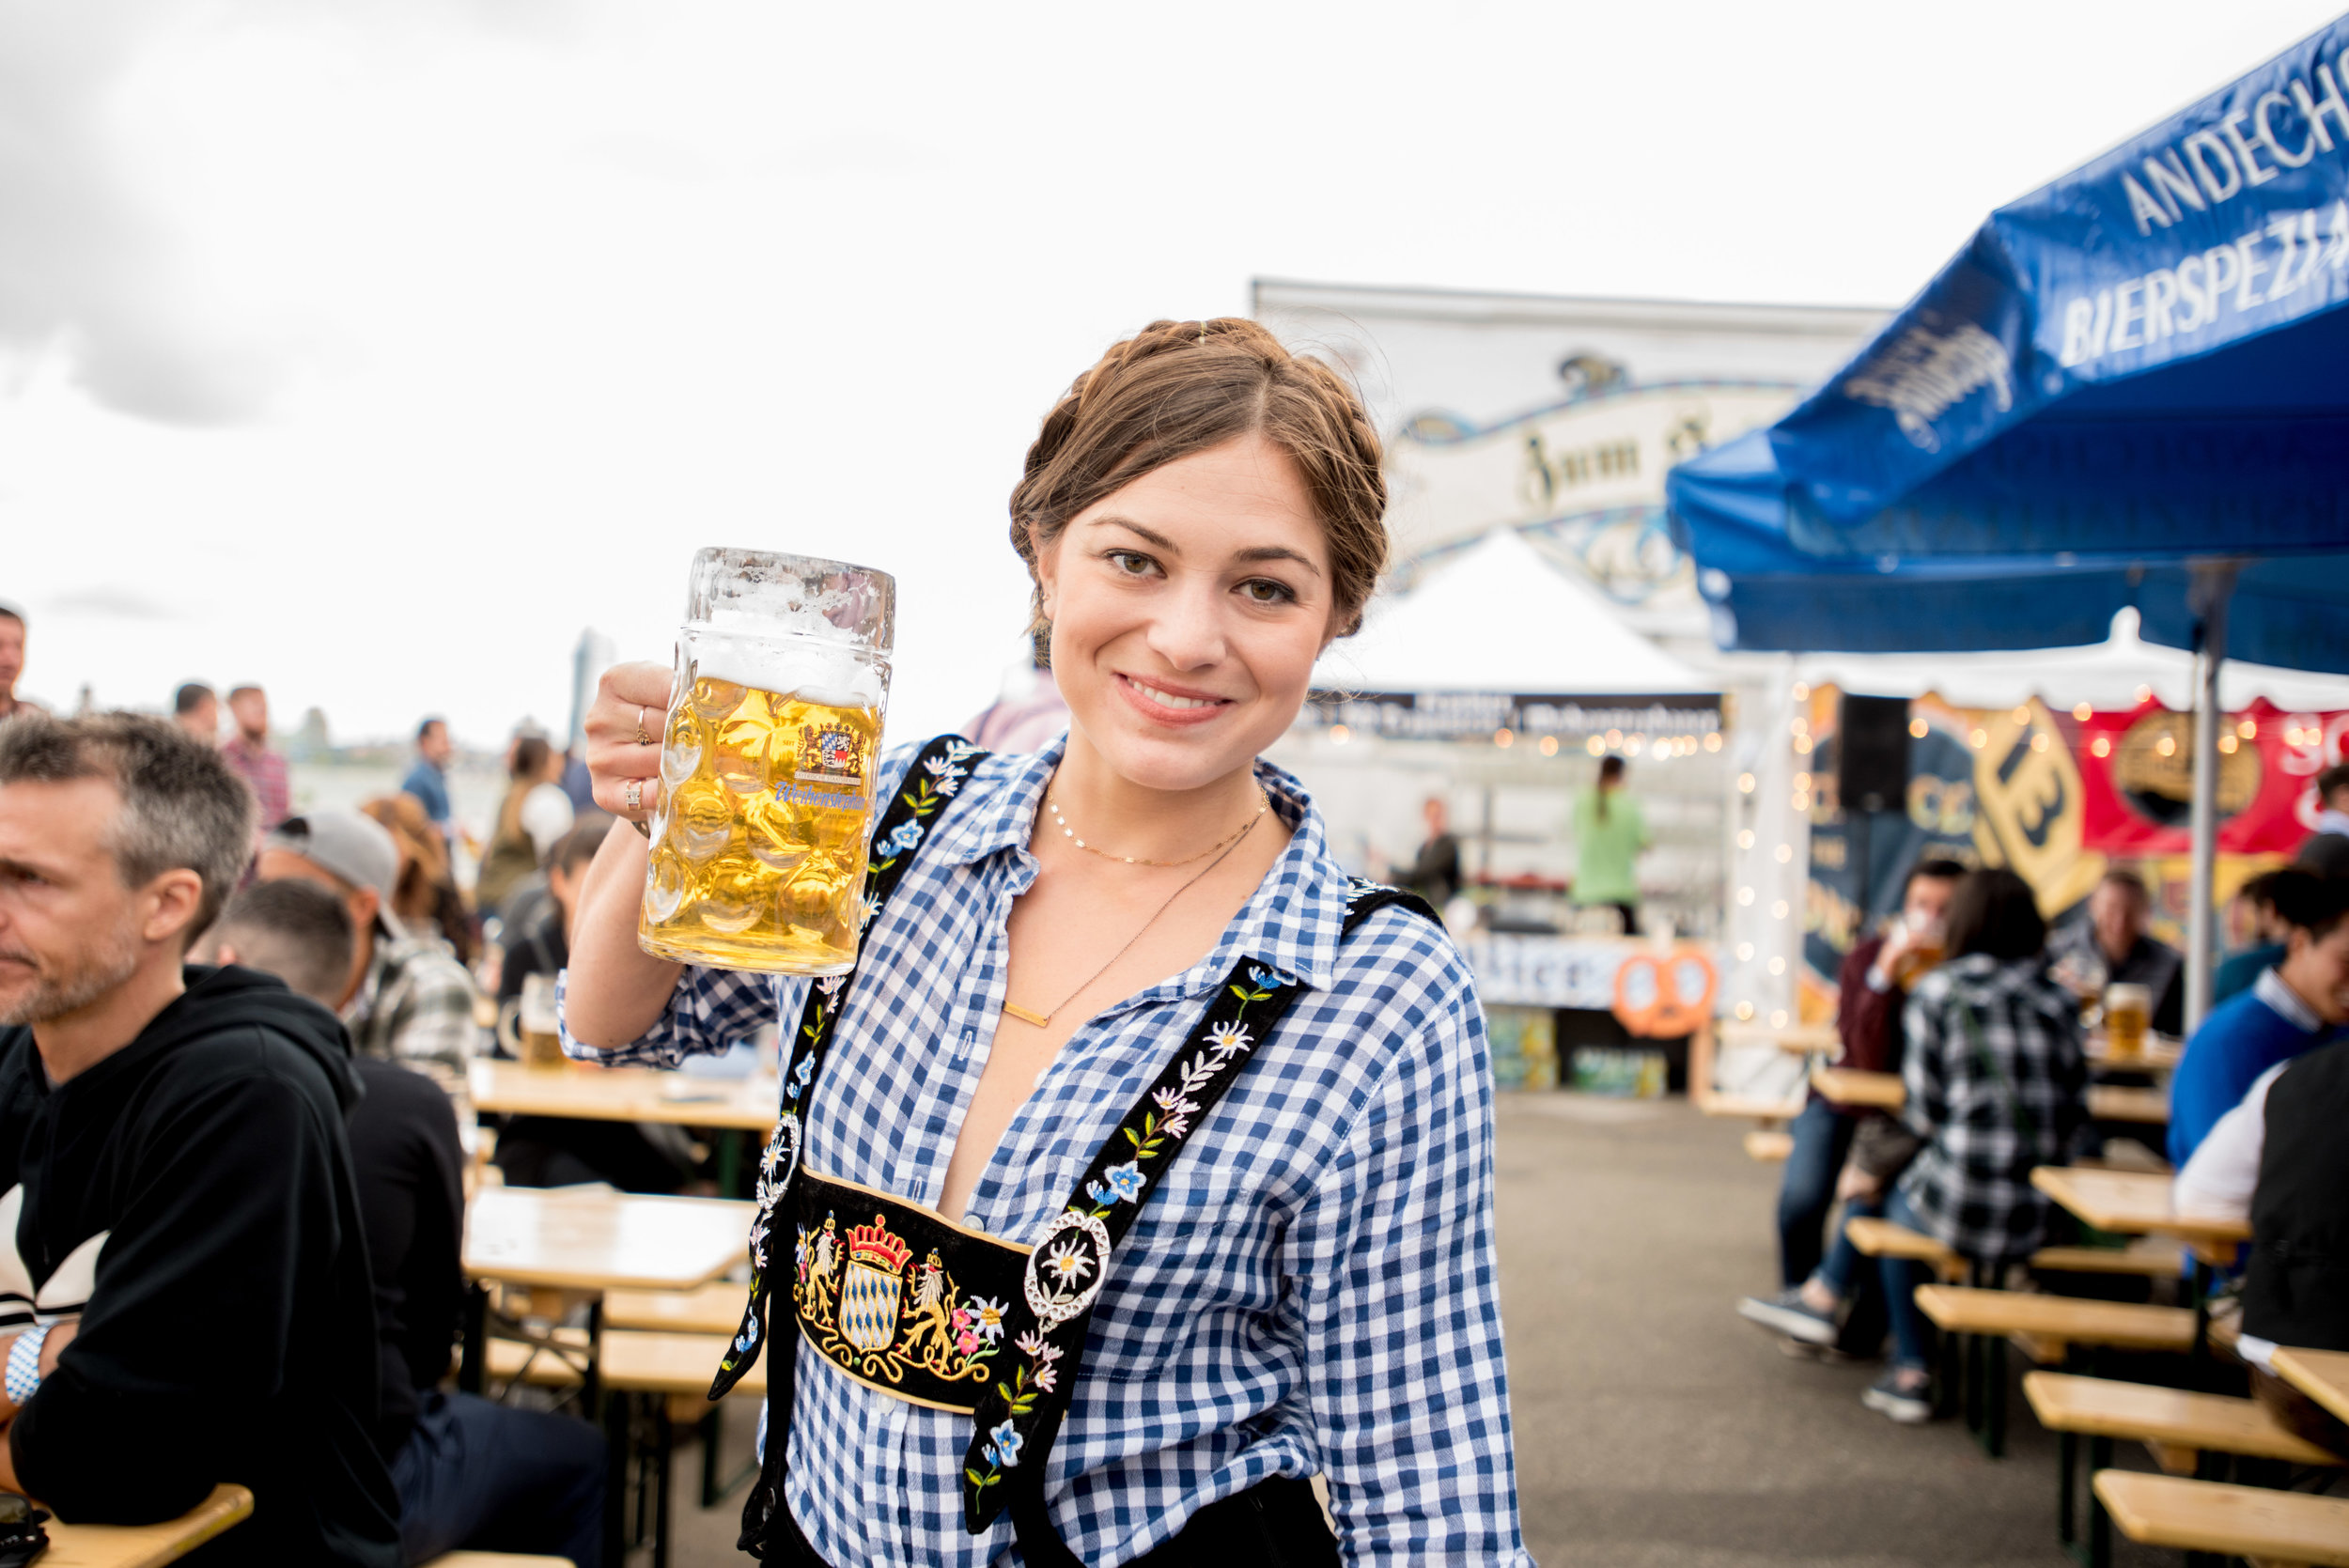 zum-schneider-nyc-2017-oktoberfest-4945.jpg